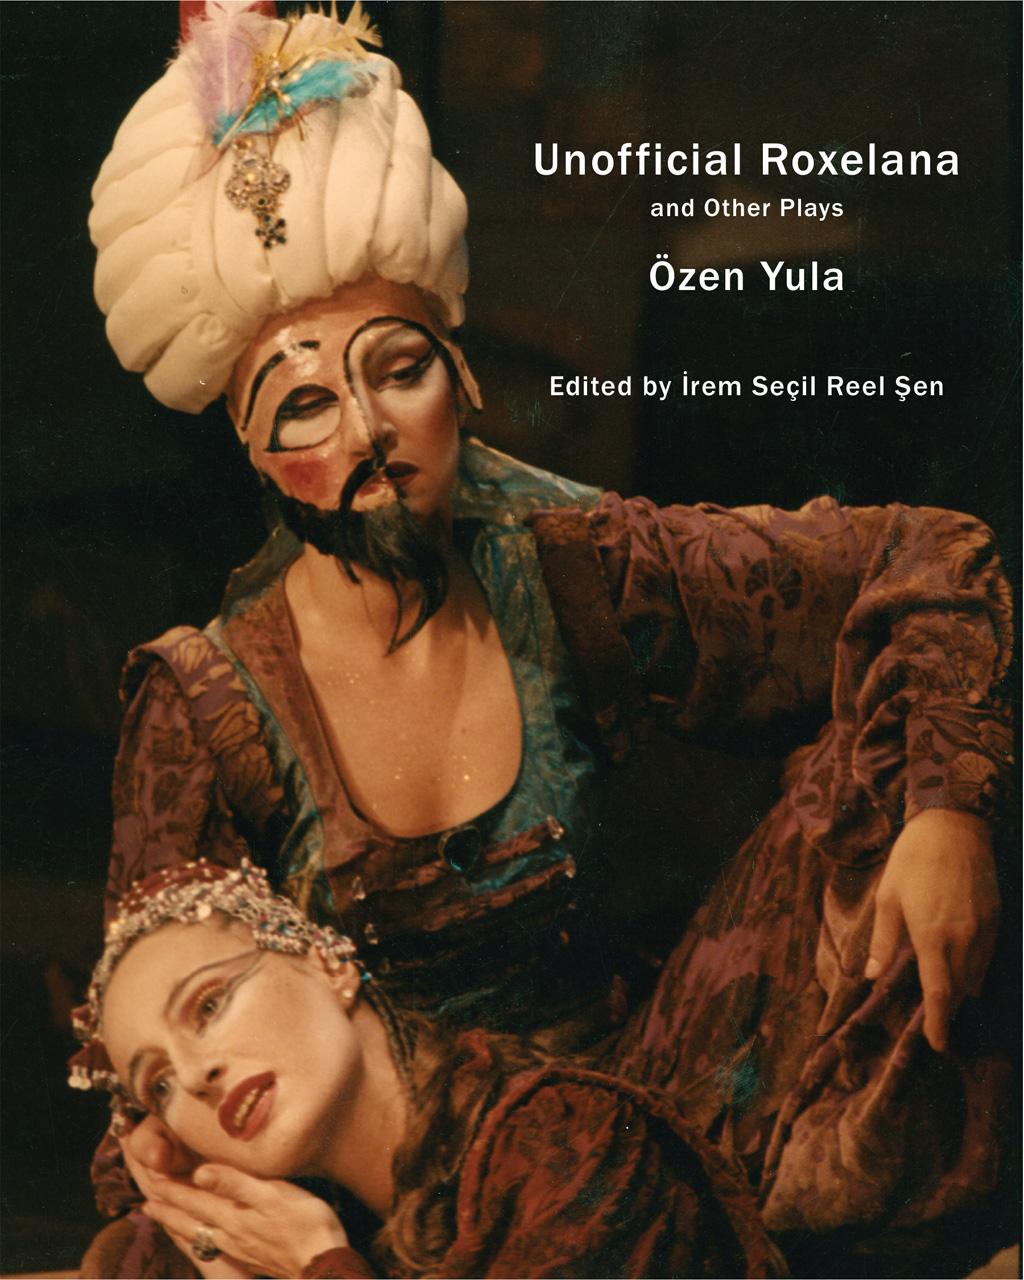 Unofficial Roxelana